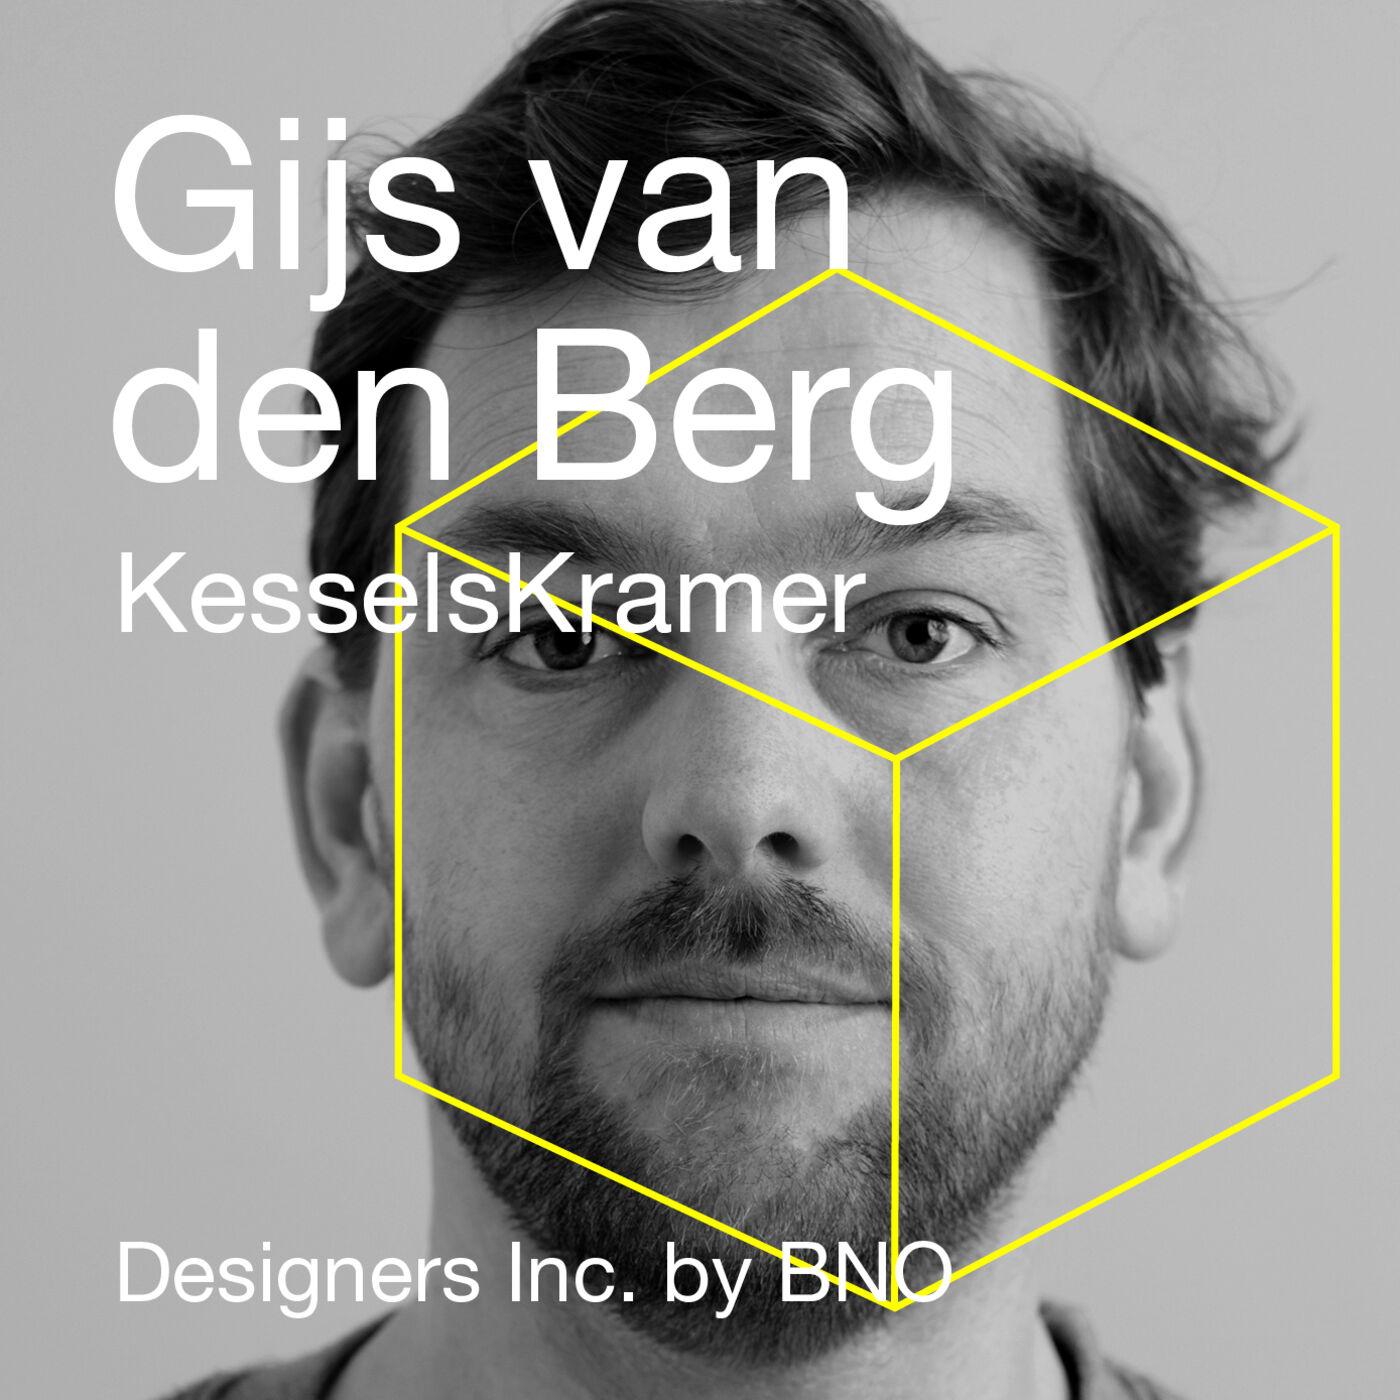 Gijs van den Berg - KesselsKramer